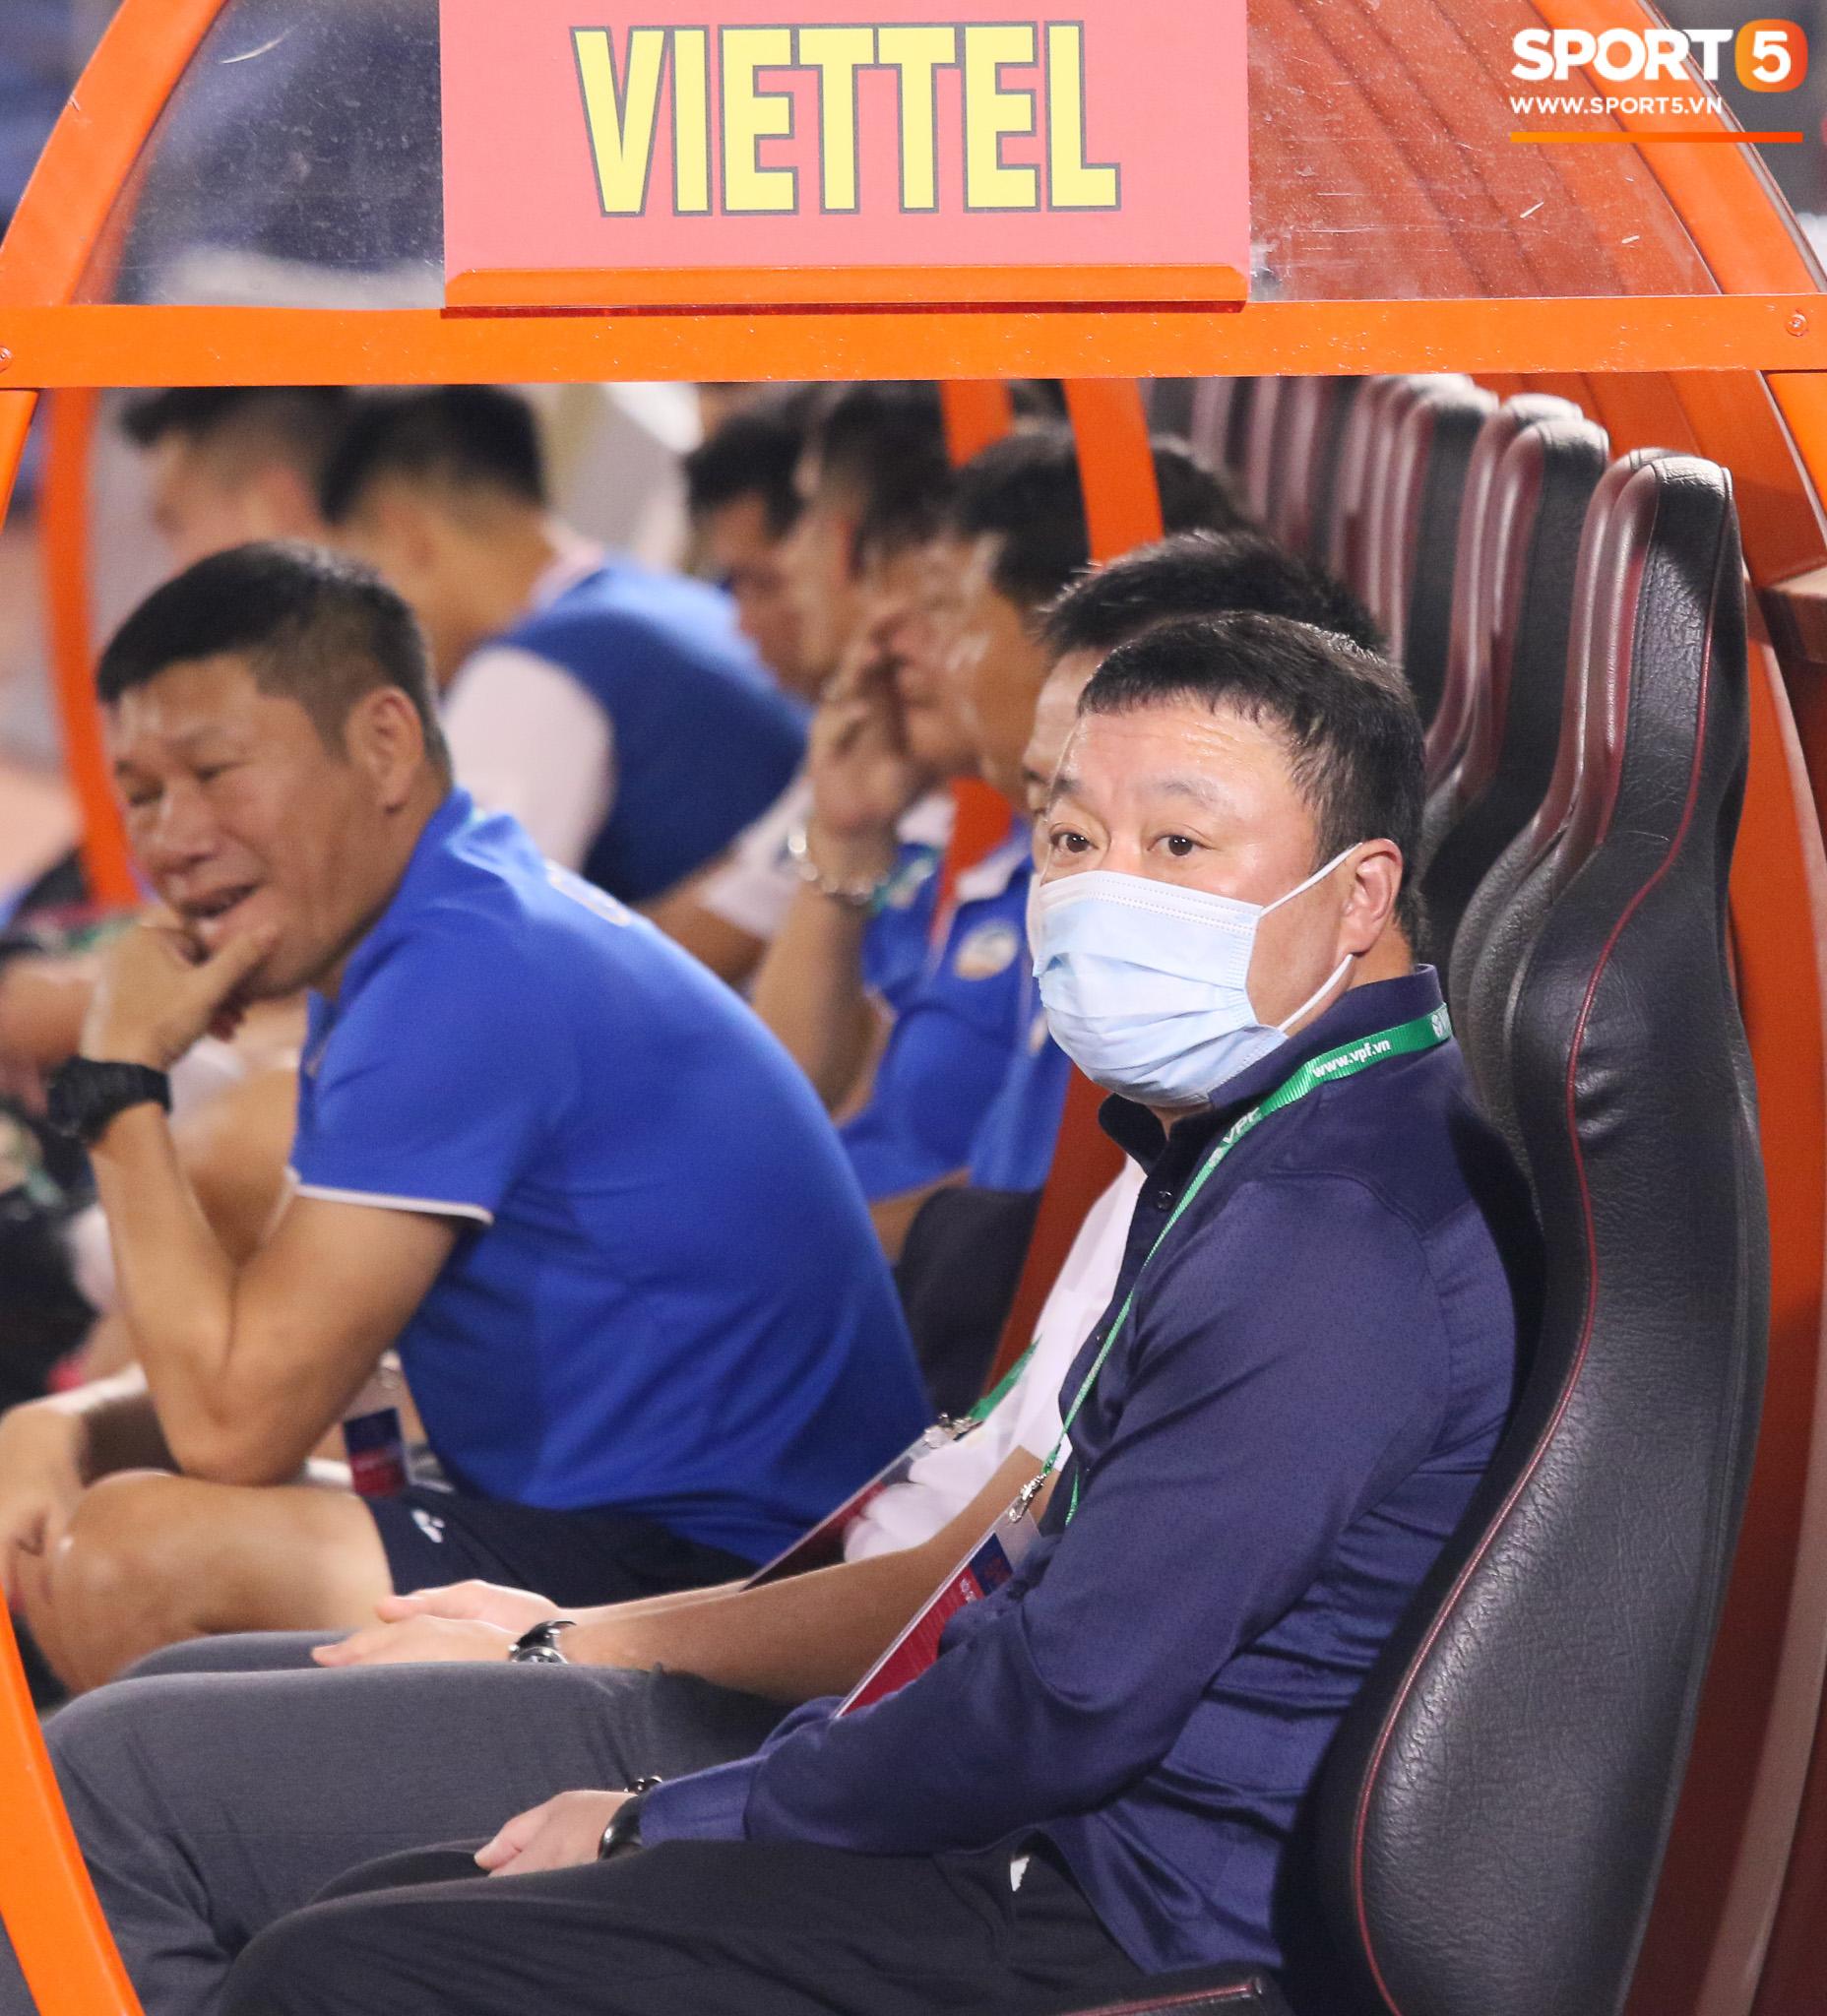 HLV Trương Việt Hoàng: CLB HAGL chưa phải là ứng viên vô địch số 1 - Ảnh 1.